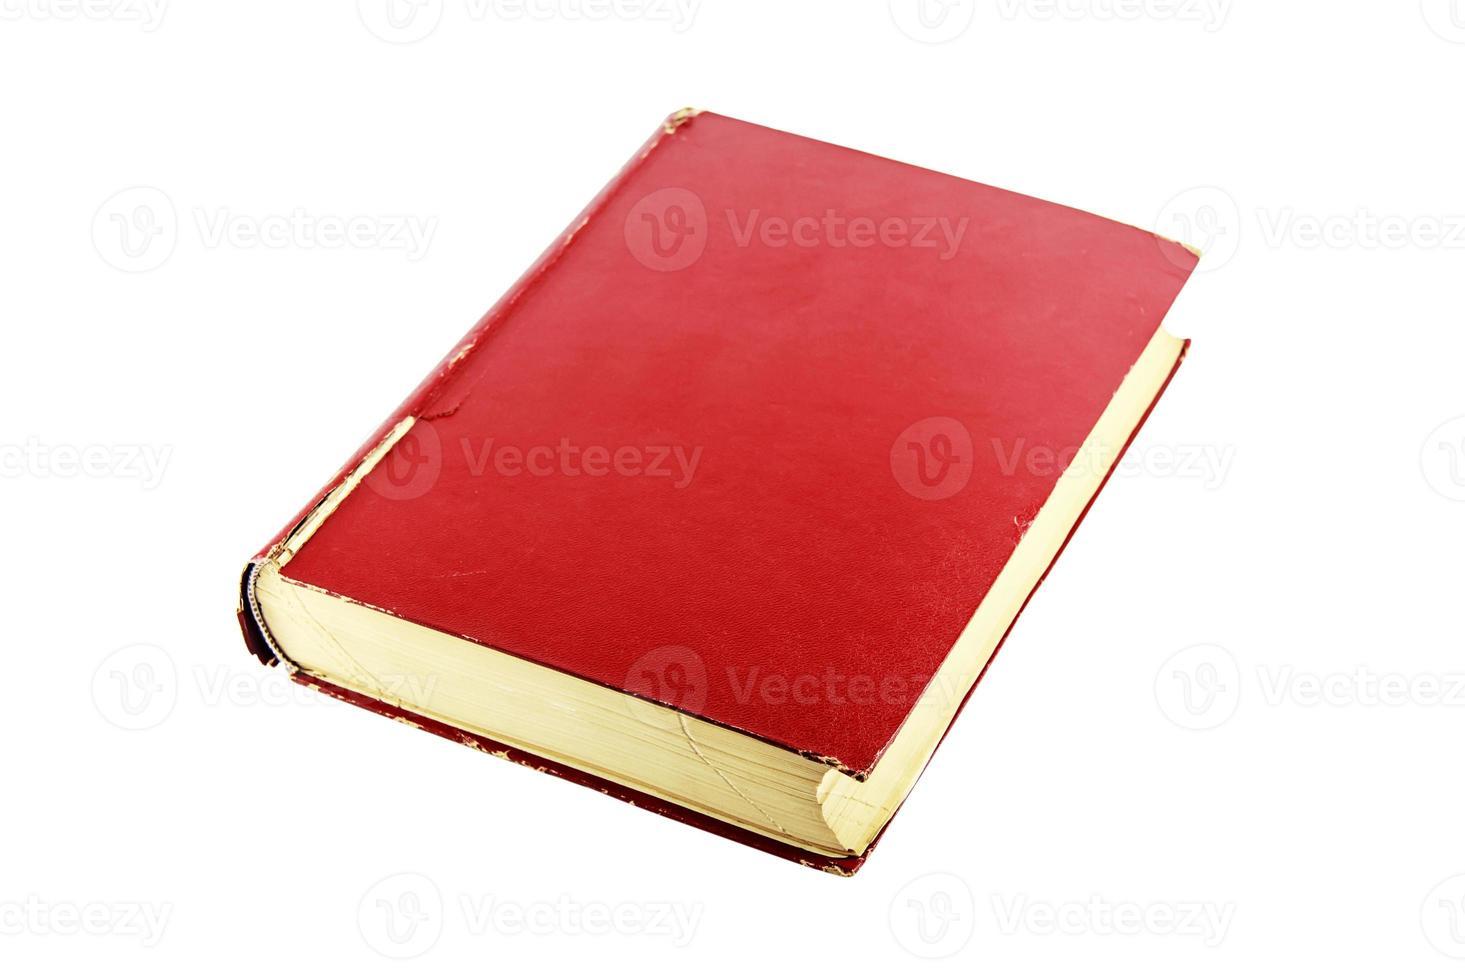 vecchio libro rosso isolato su bianco foto